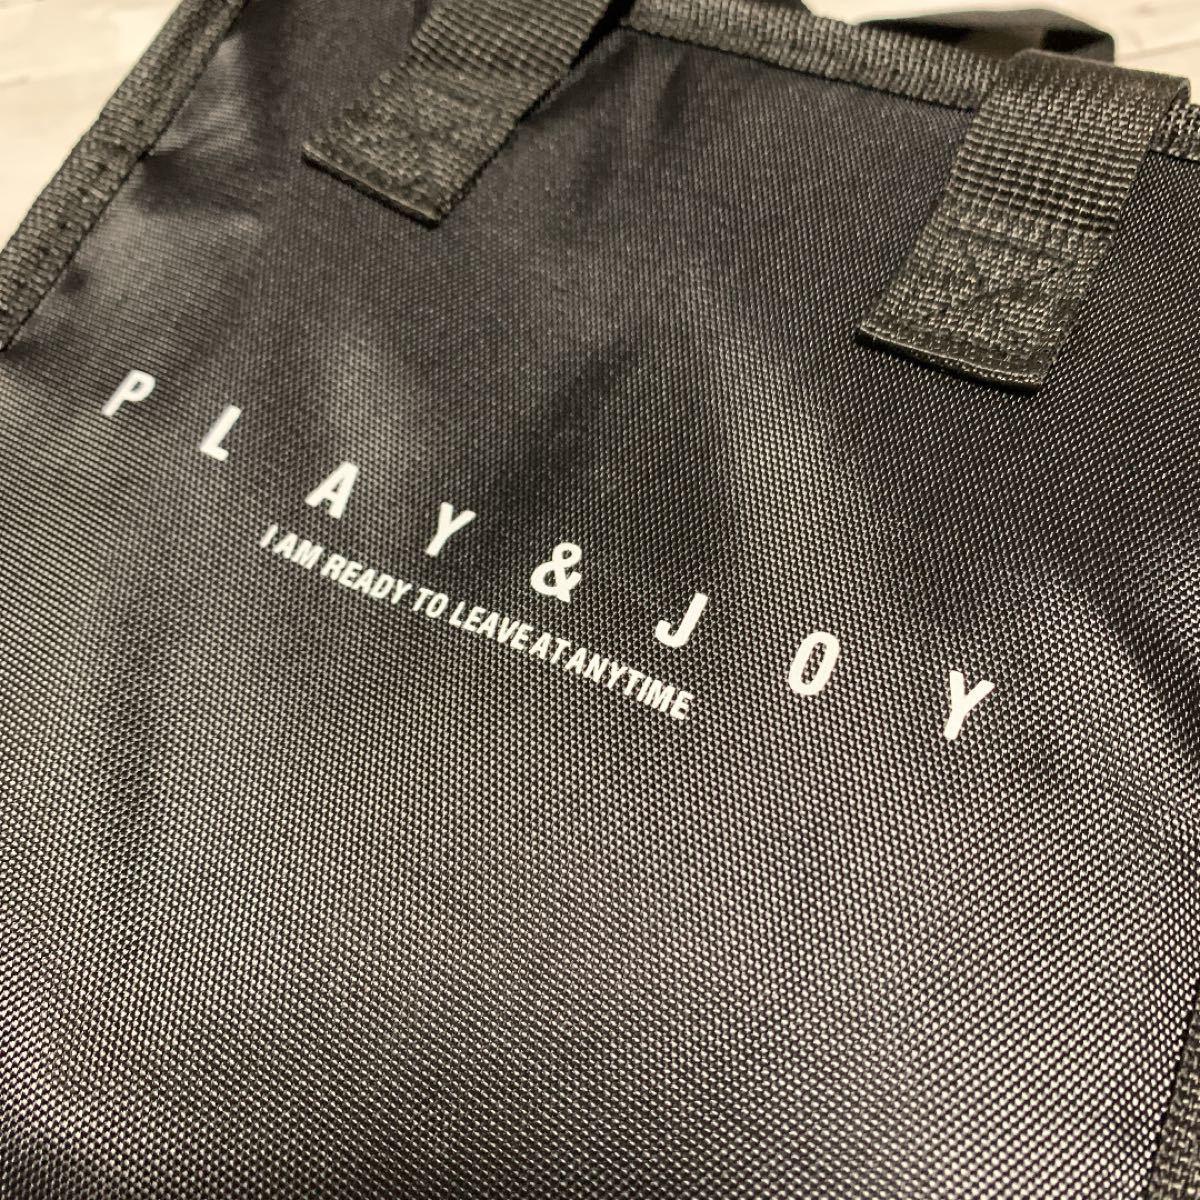 保冷ランチバック 保温ランチボックス クーラーバック 保冷バッグ